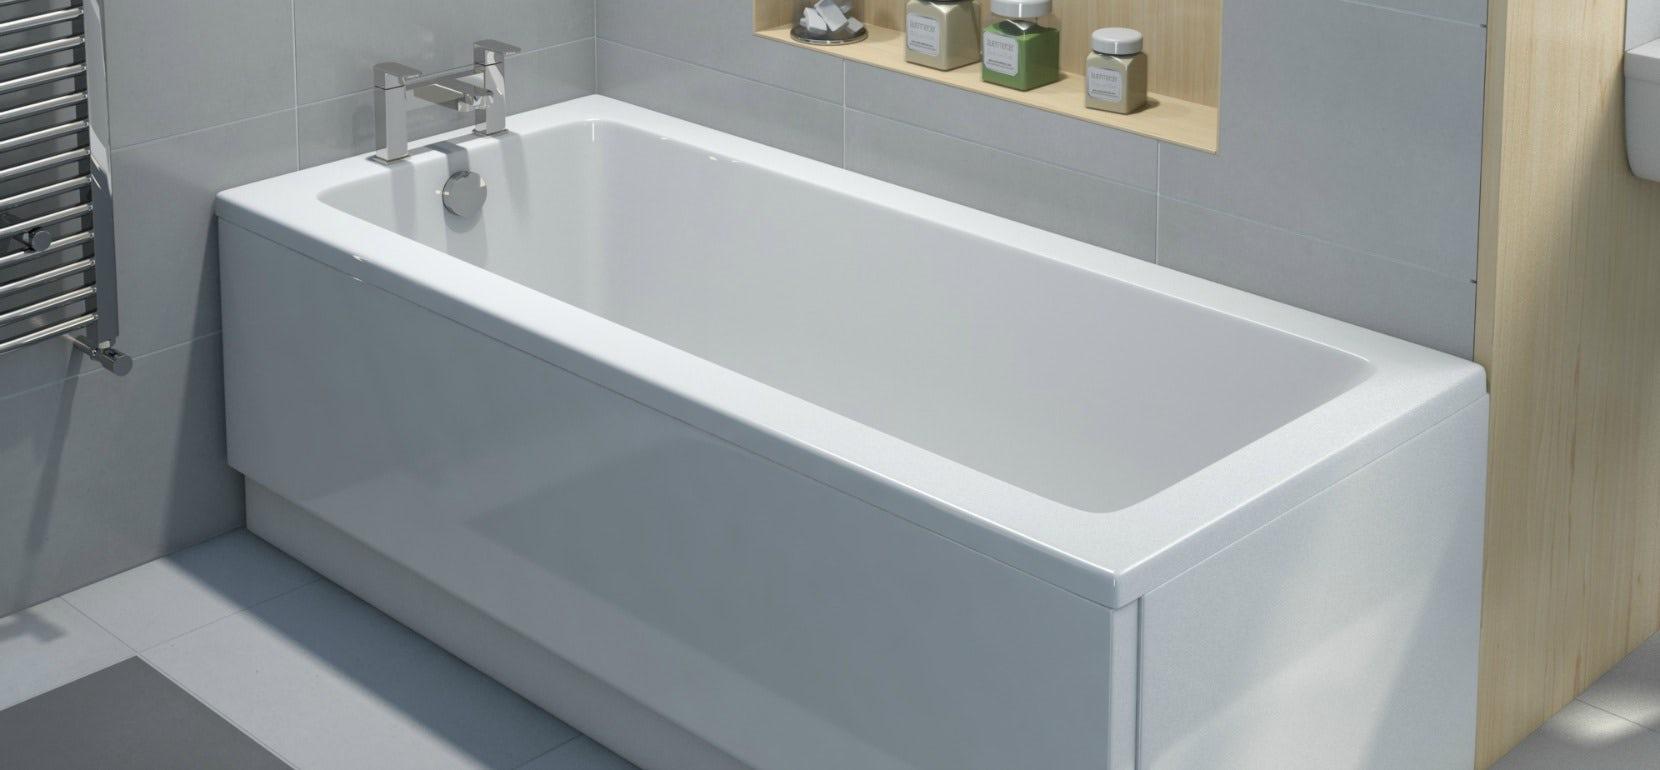 Superb Acrylic Baths V Steel Baths U2013 Which Is Right For Me?